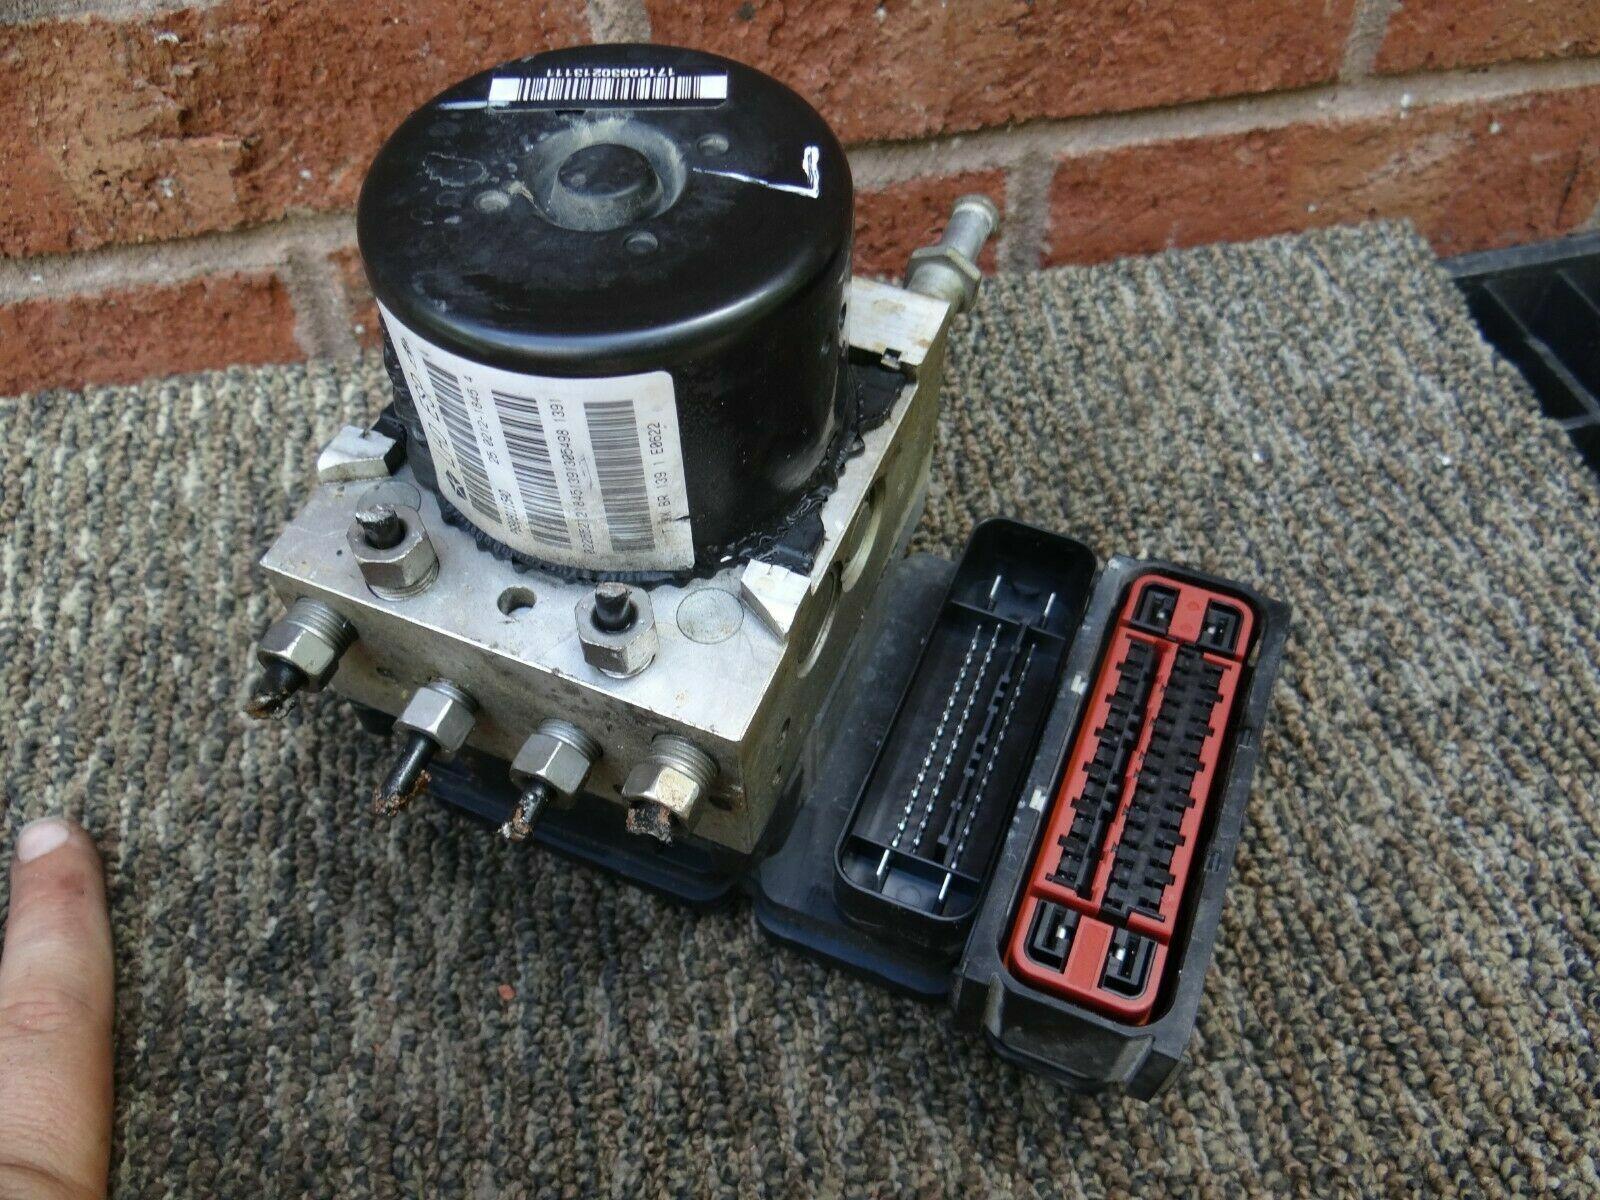 11 12 13 14 15 Jeep Compass ABS Pump Anti Lock Brake Module Part 68091115 ML75